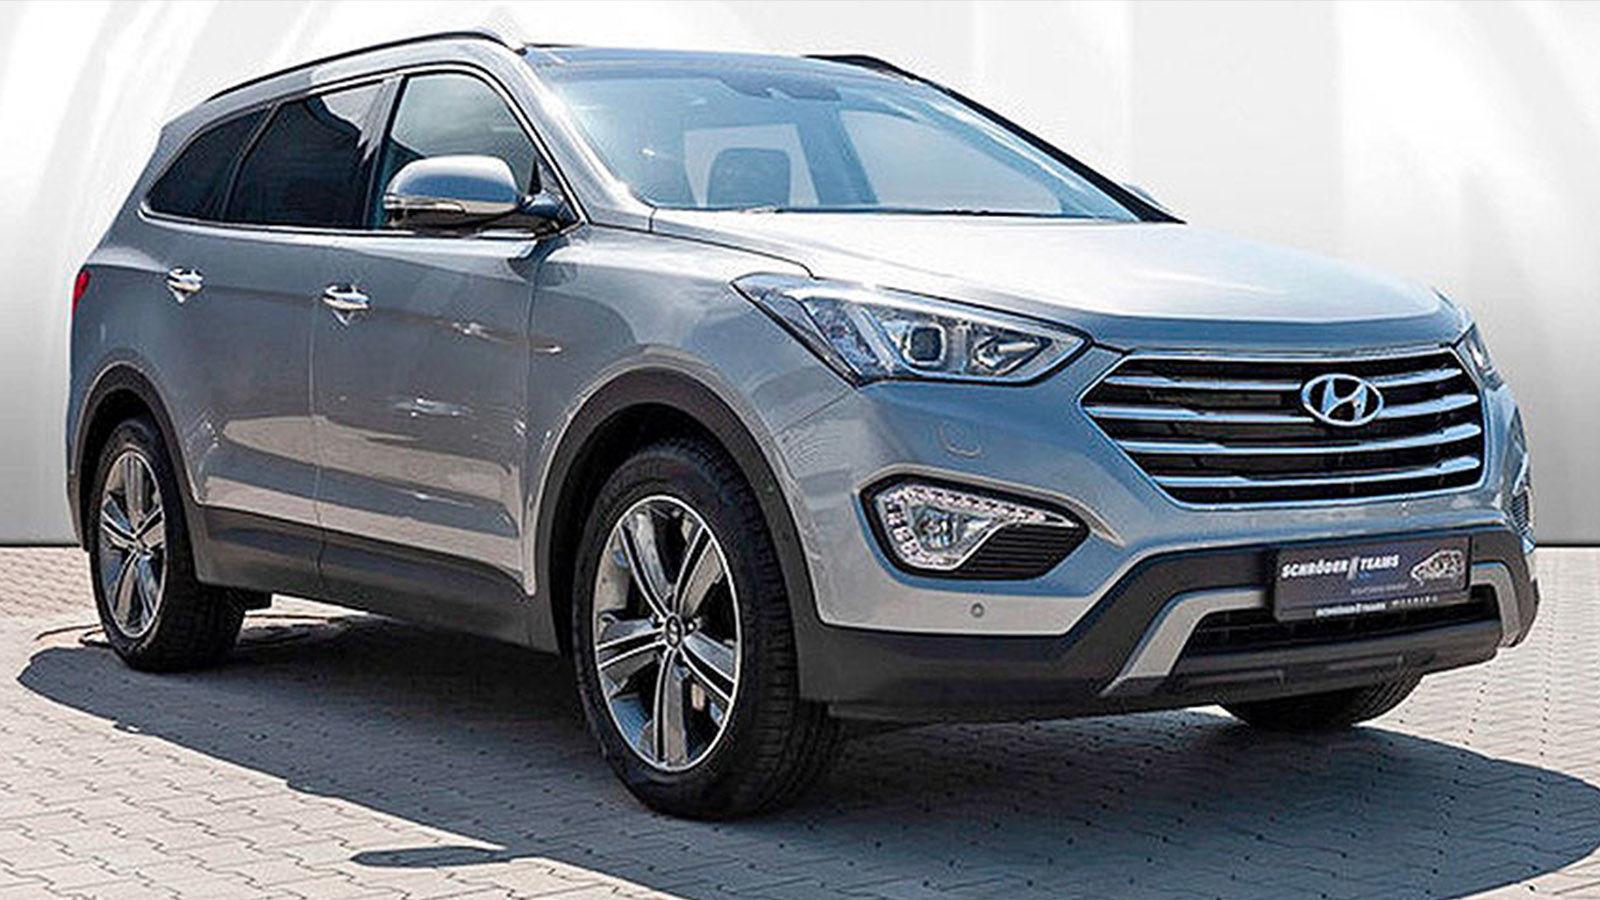 Hyundai I30 Kaufen Gebraucht